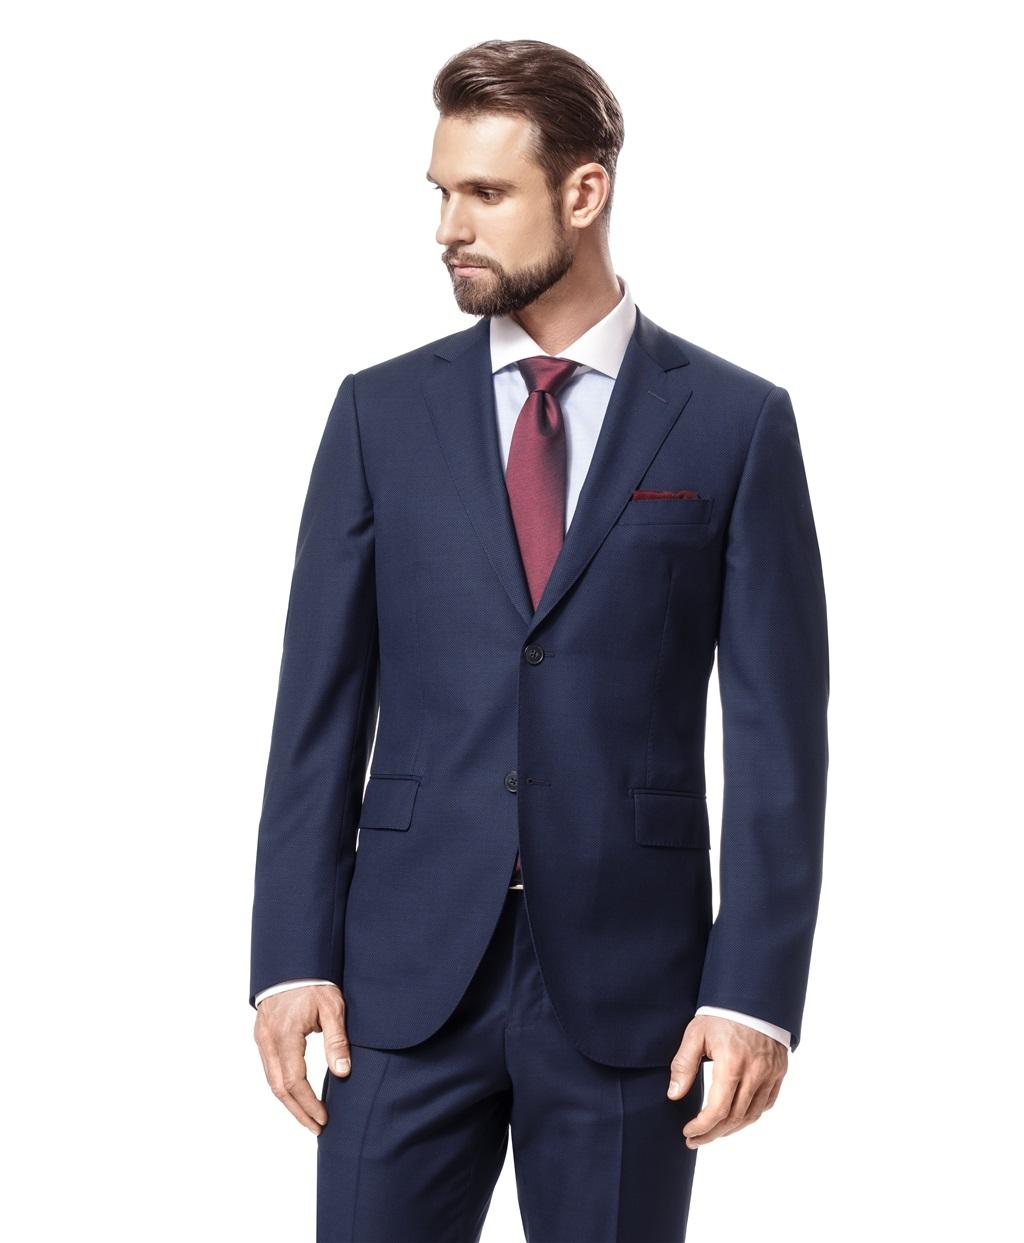 1757a136700 Темно-синий костюм с орнаментом от компании HENDERSON